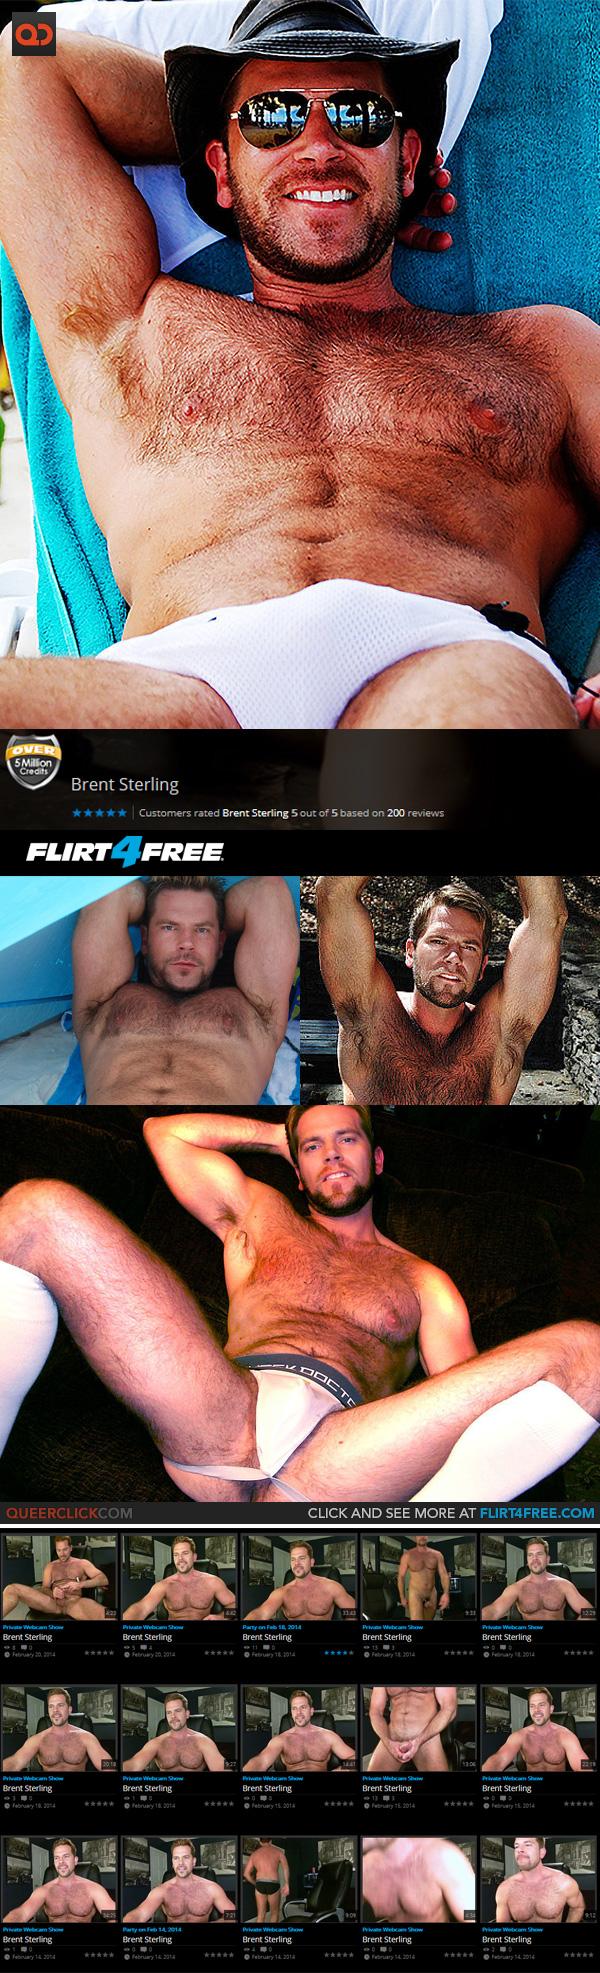 flirt4free-brent-styerling